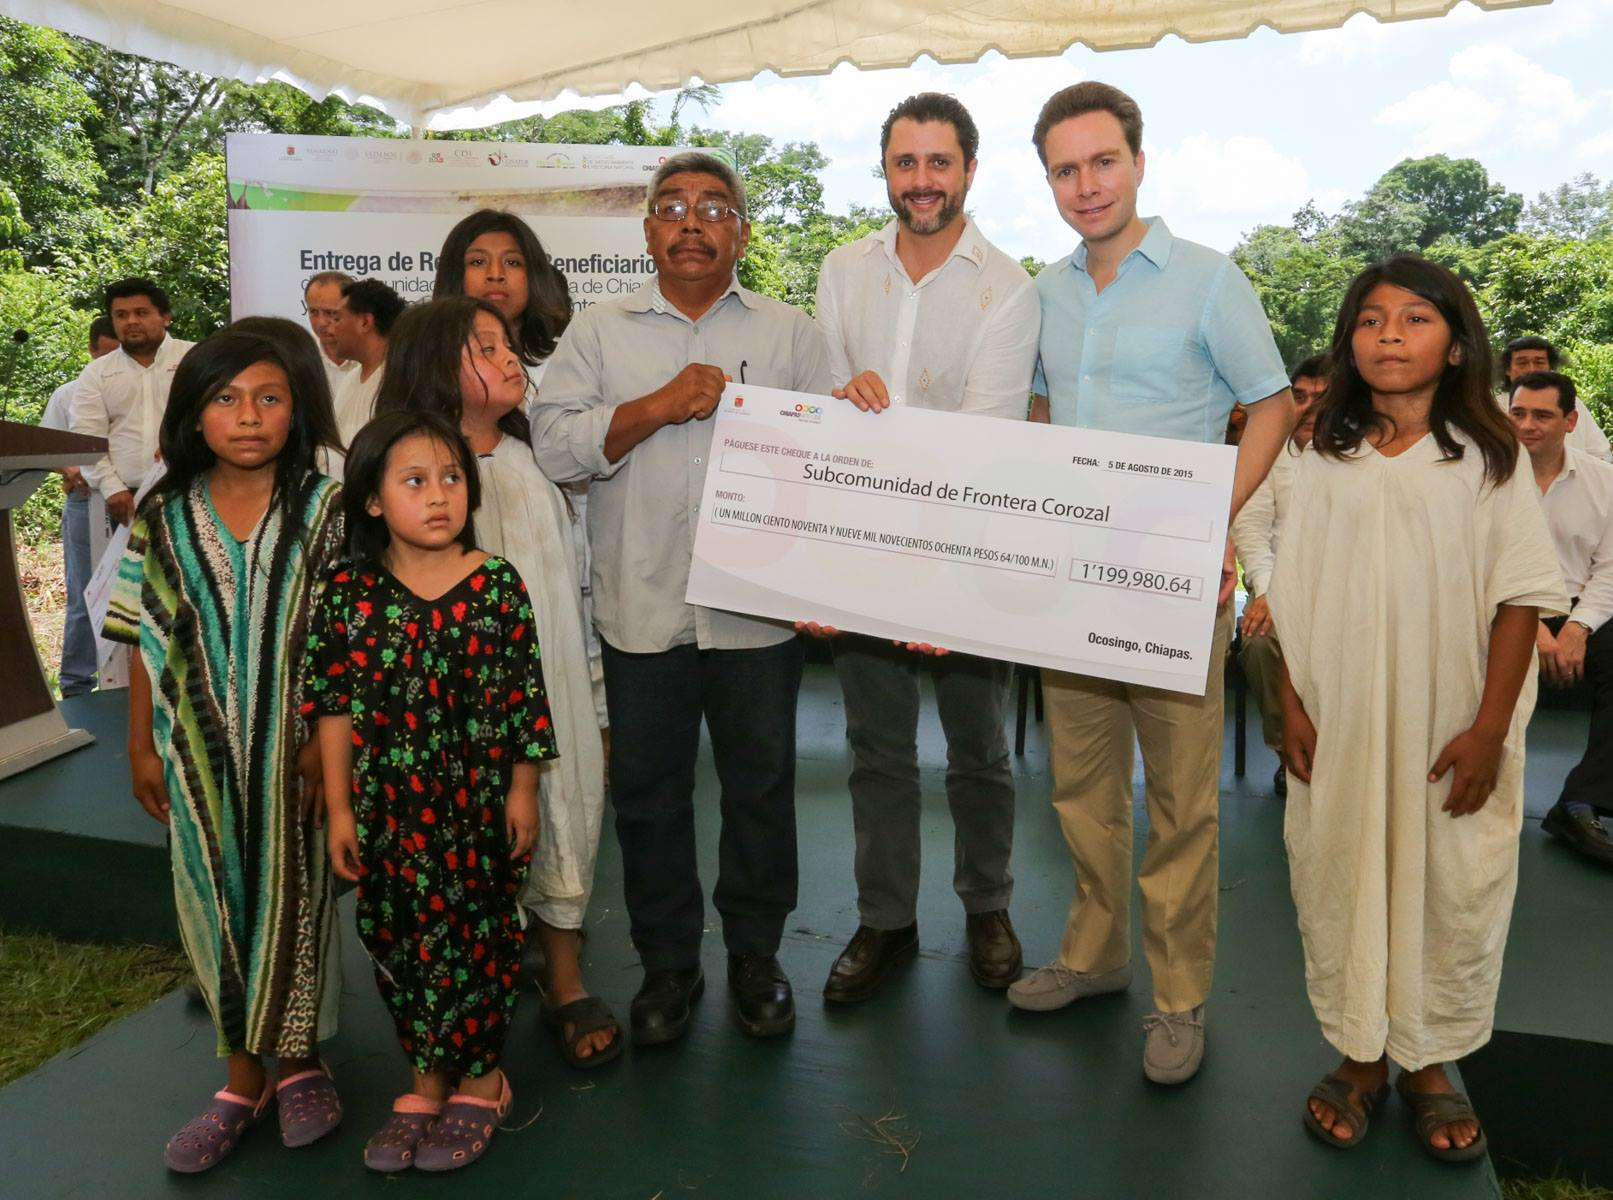 Alejandro Del Mazo y Manuel Velasco Coello Gobernador de Chiapas con lacandones Foto Icoso.jpg